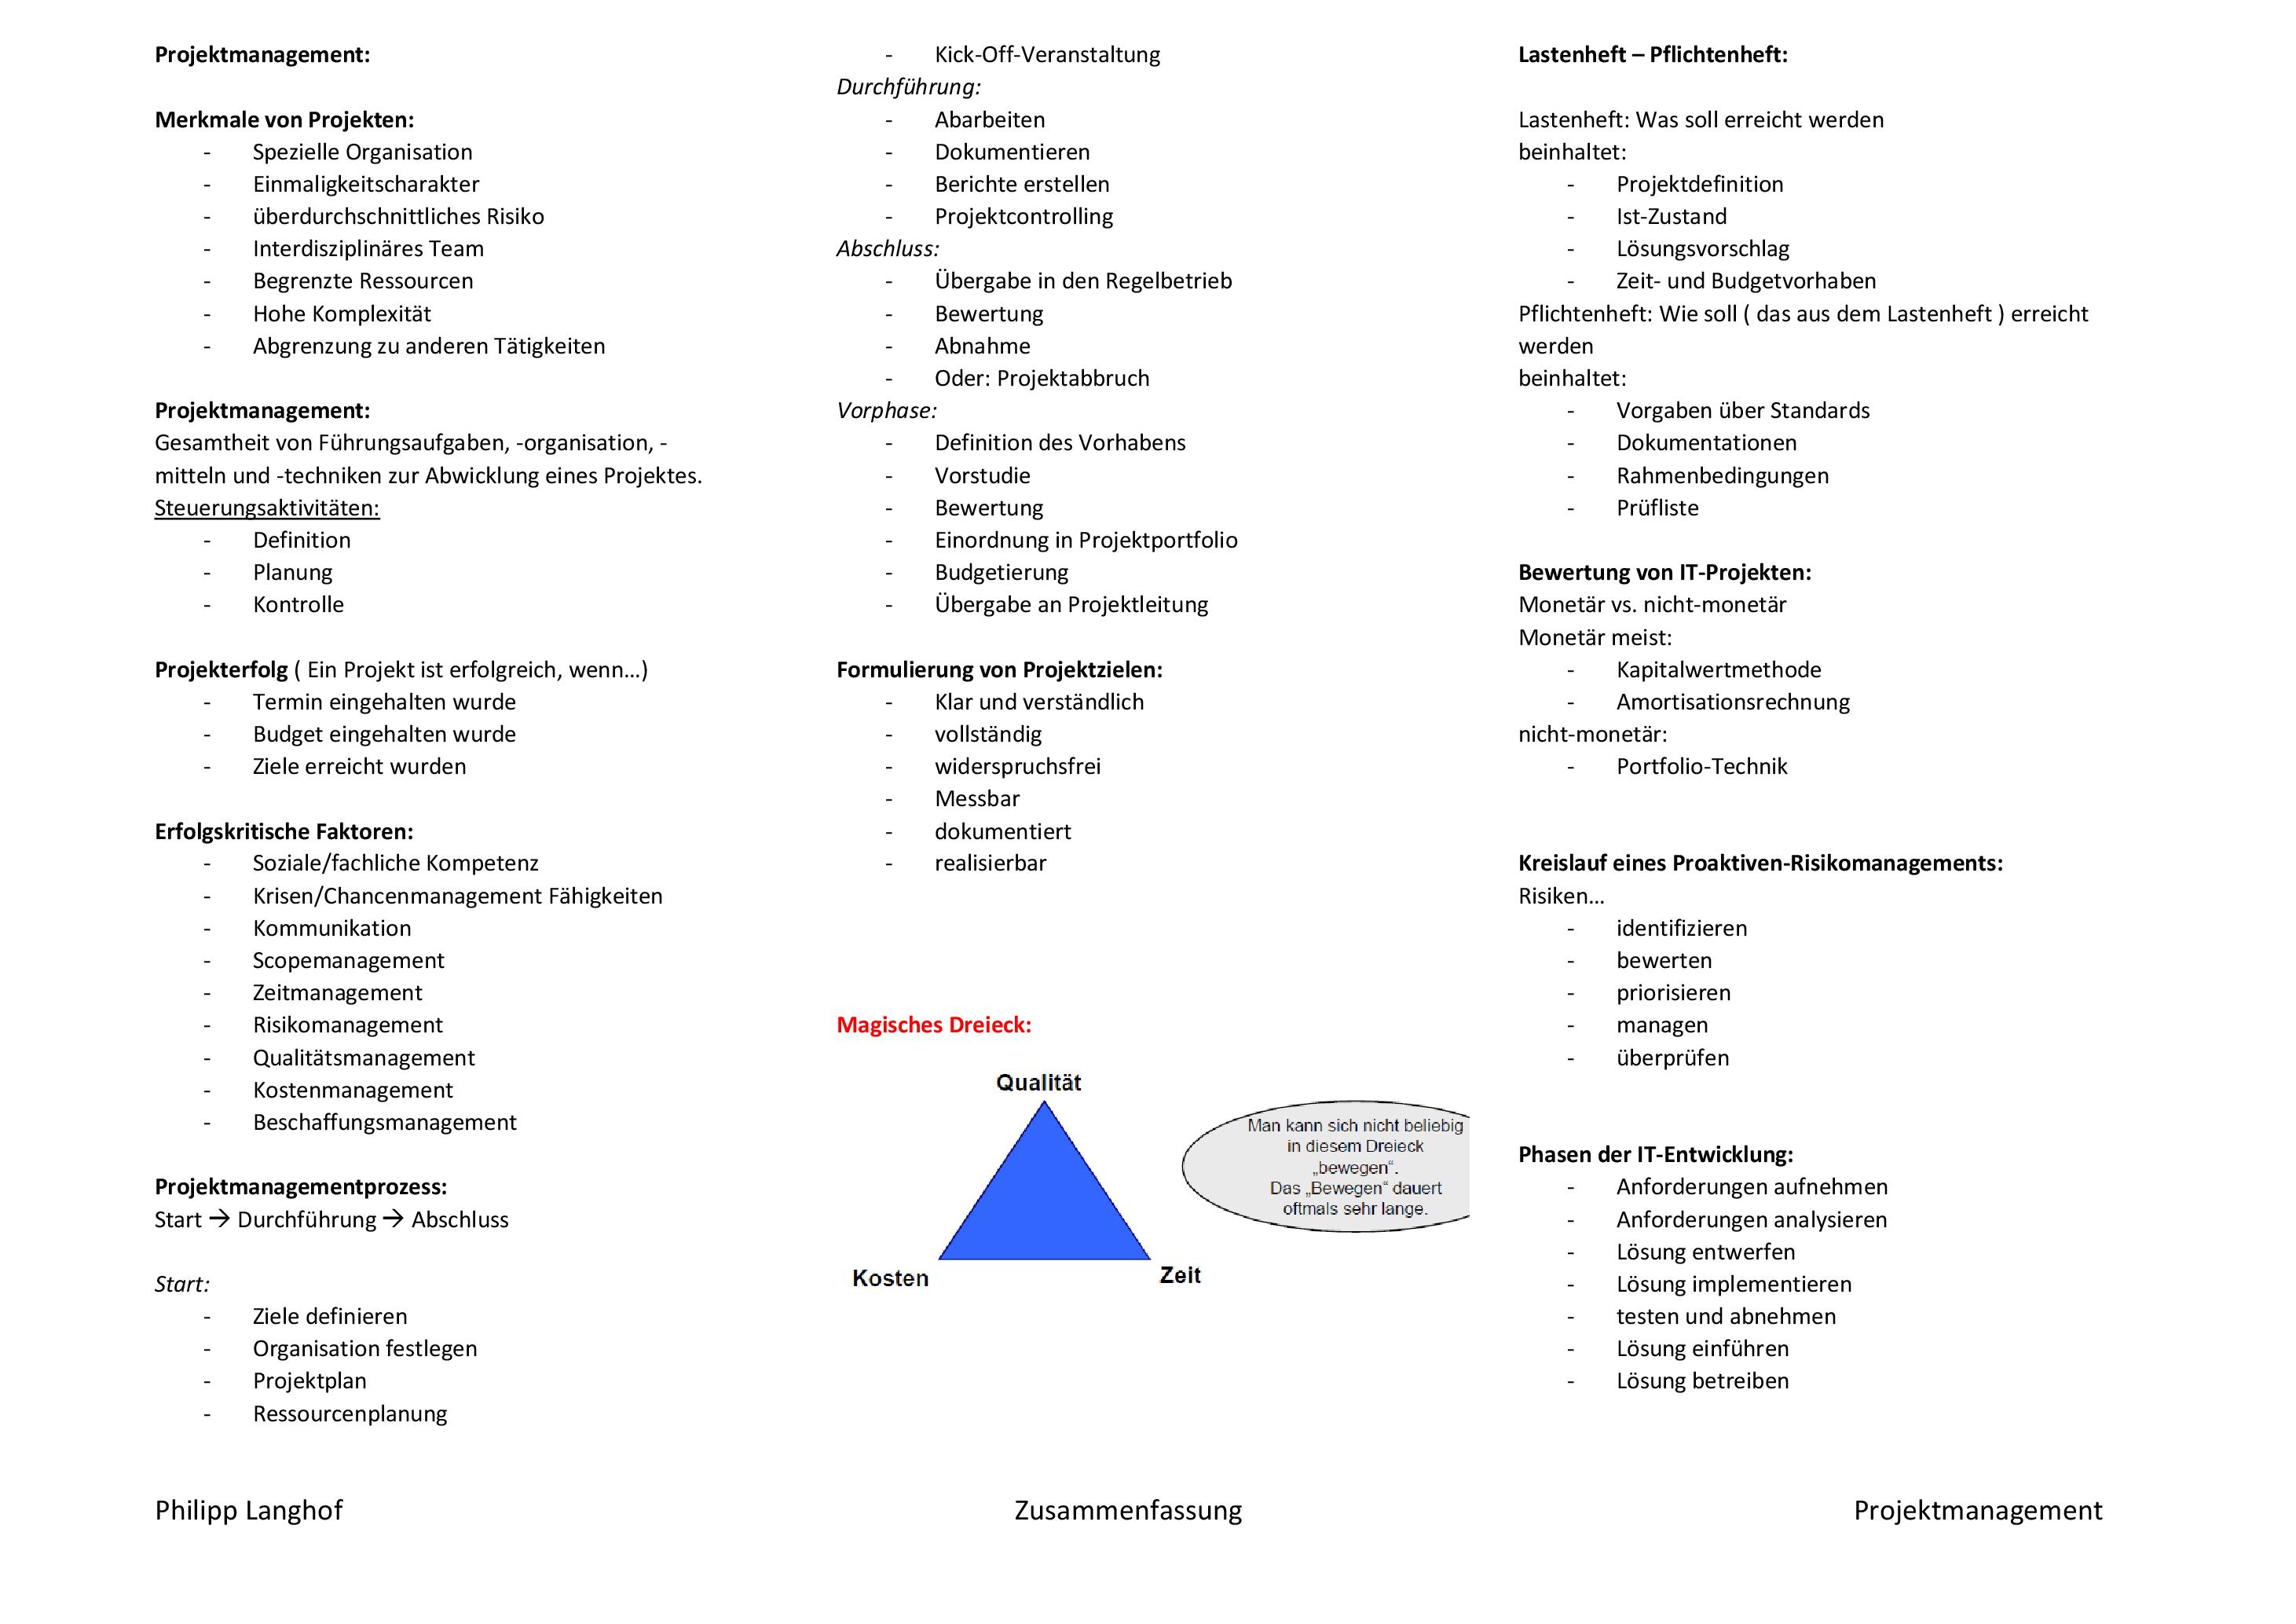 Projektmanagement-Zusammenfassung-Philipp-001 Zusammenfassung Projektmanagement